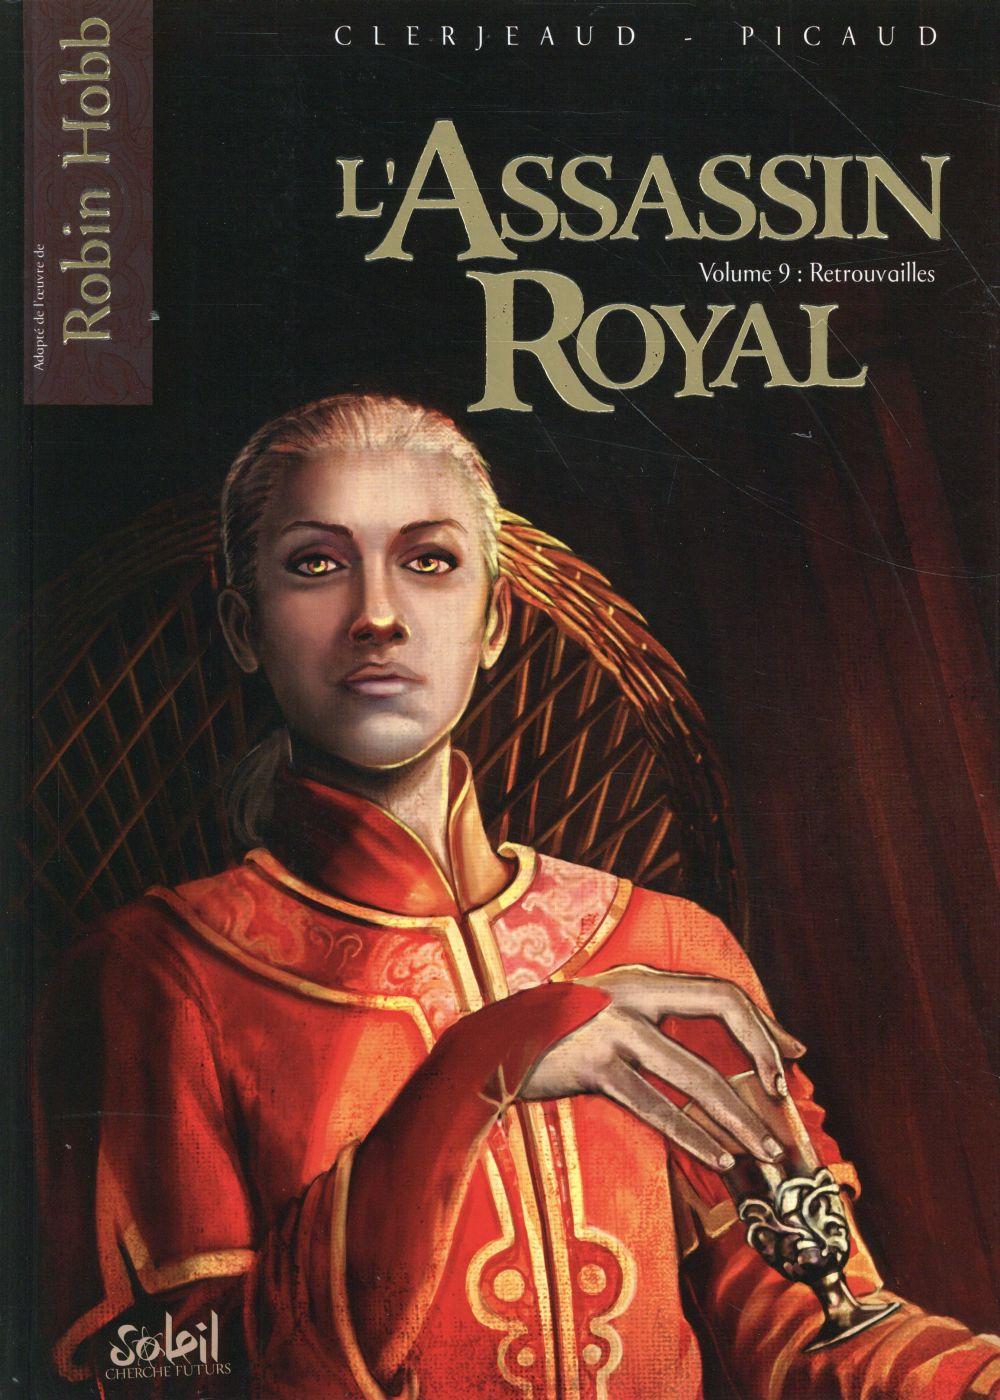 L' assassin royal. 9, retrouvailles / Jean-Luc Clerjaud | Clerjeaud, Jean-Luc